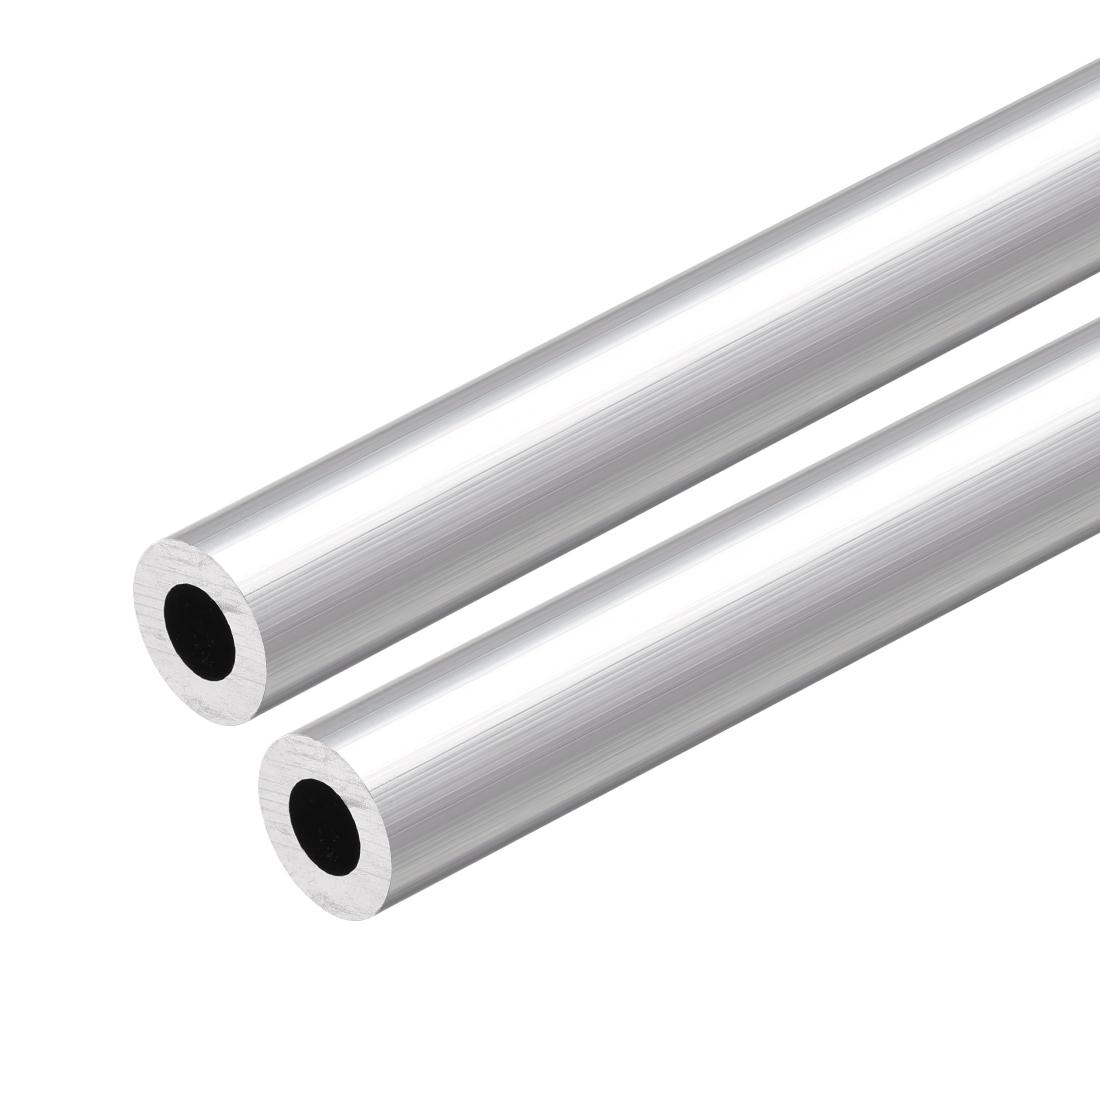 6063 Aluminum Round Tube 300mm Length 13mm OD 7mm Inner Dia Seamless Tubing 2pcs